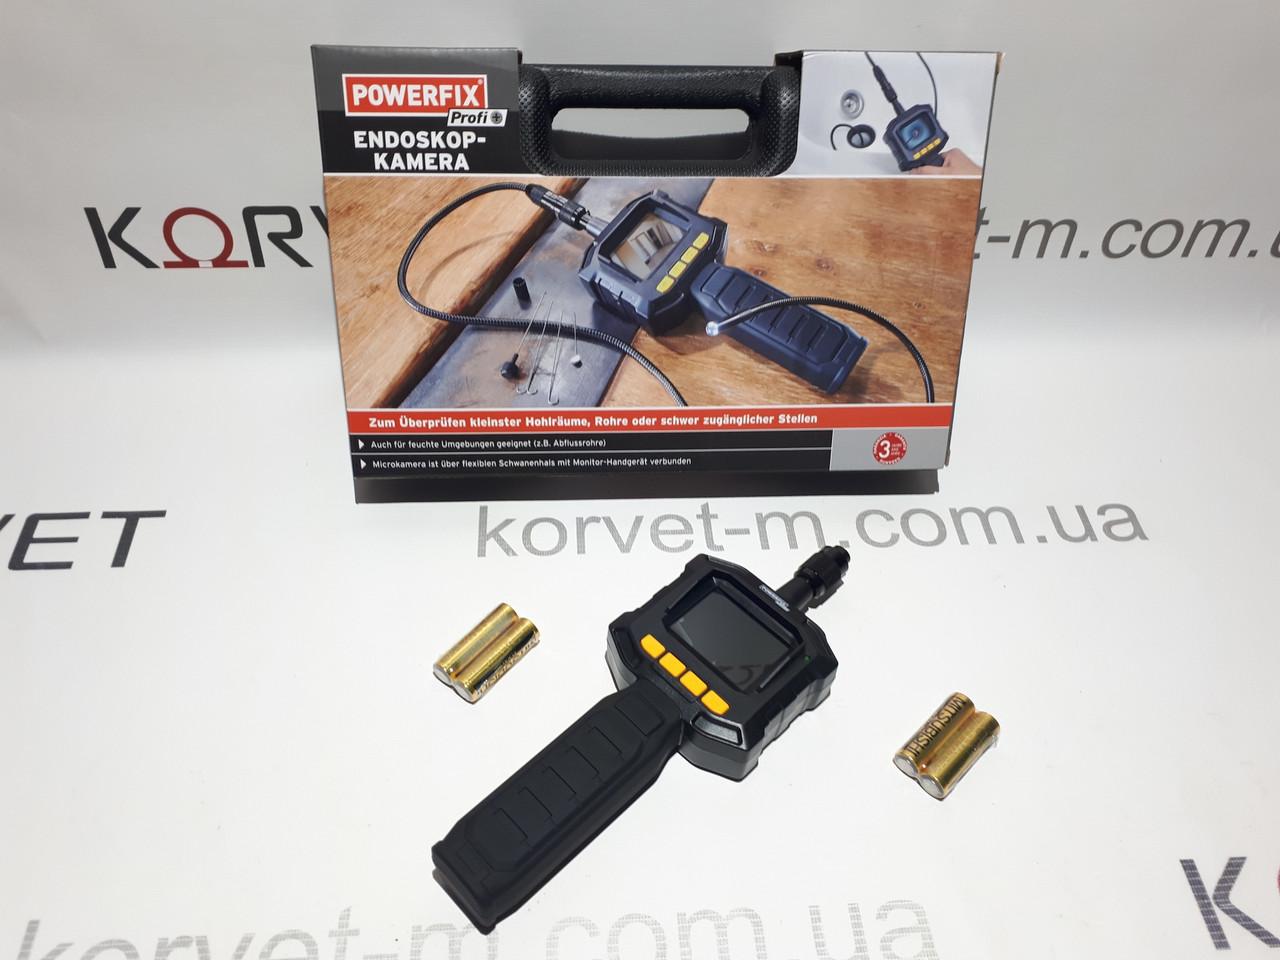 Эндоскопическая камера PowerFix Profi